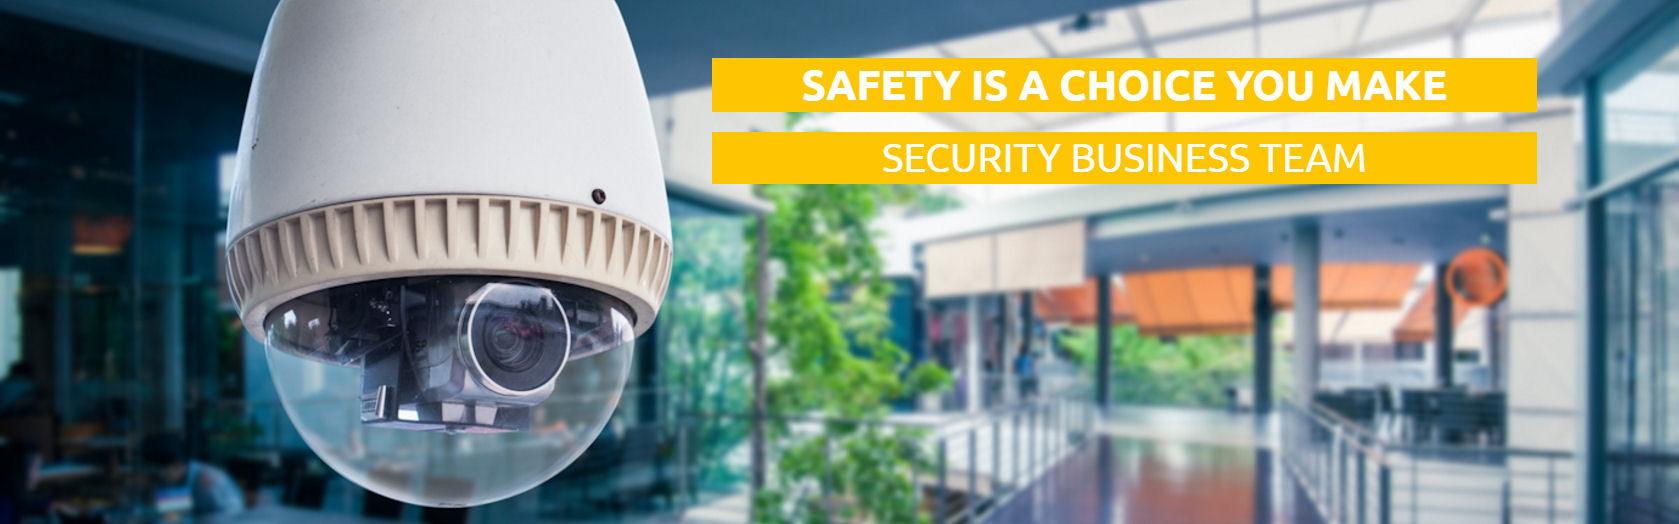 Security Business Team va ofera servicii de evaluare de risc la securitate fizica, analiza de risc, protectie la foc, solutii si sisteme de protectie, mentenanta sisteme de securitate si multe altele care va vor asigura SIGURANTA casei / afacerii dumneavoastra.